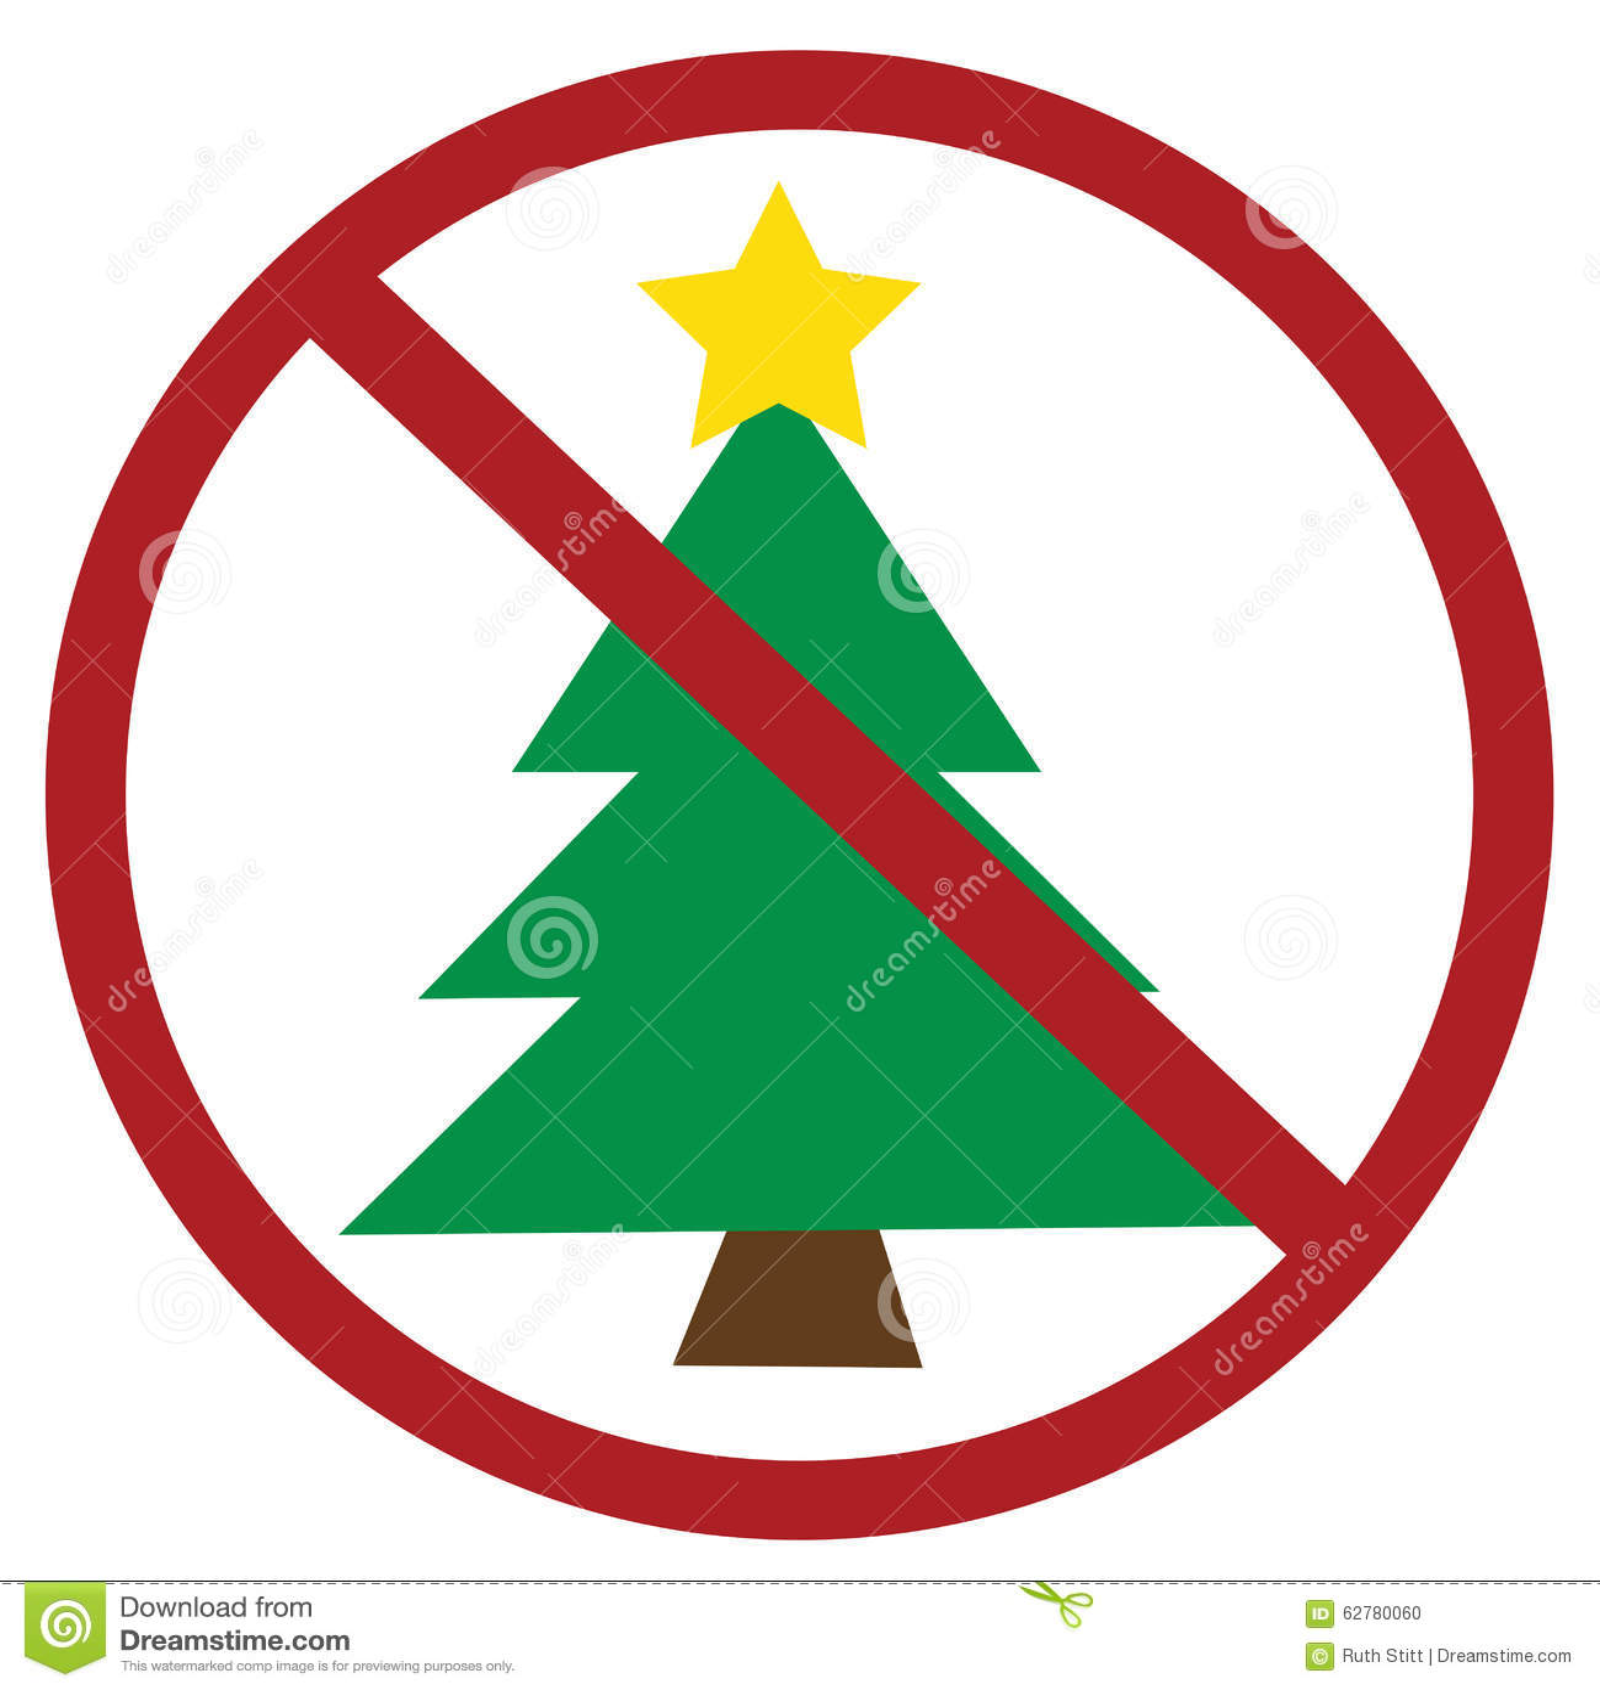 No christmas stock vector image